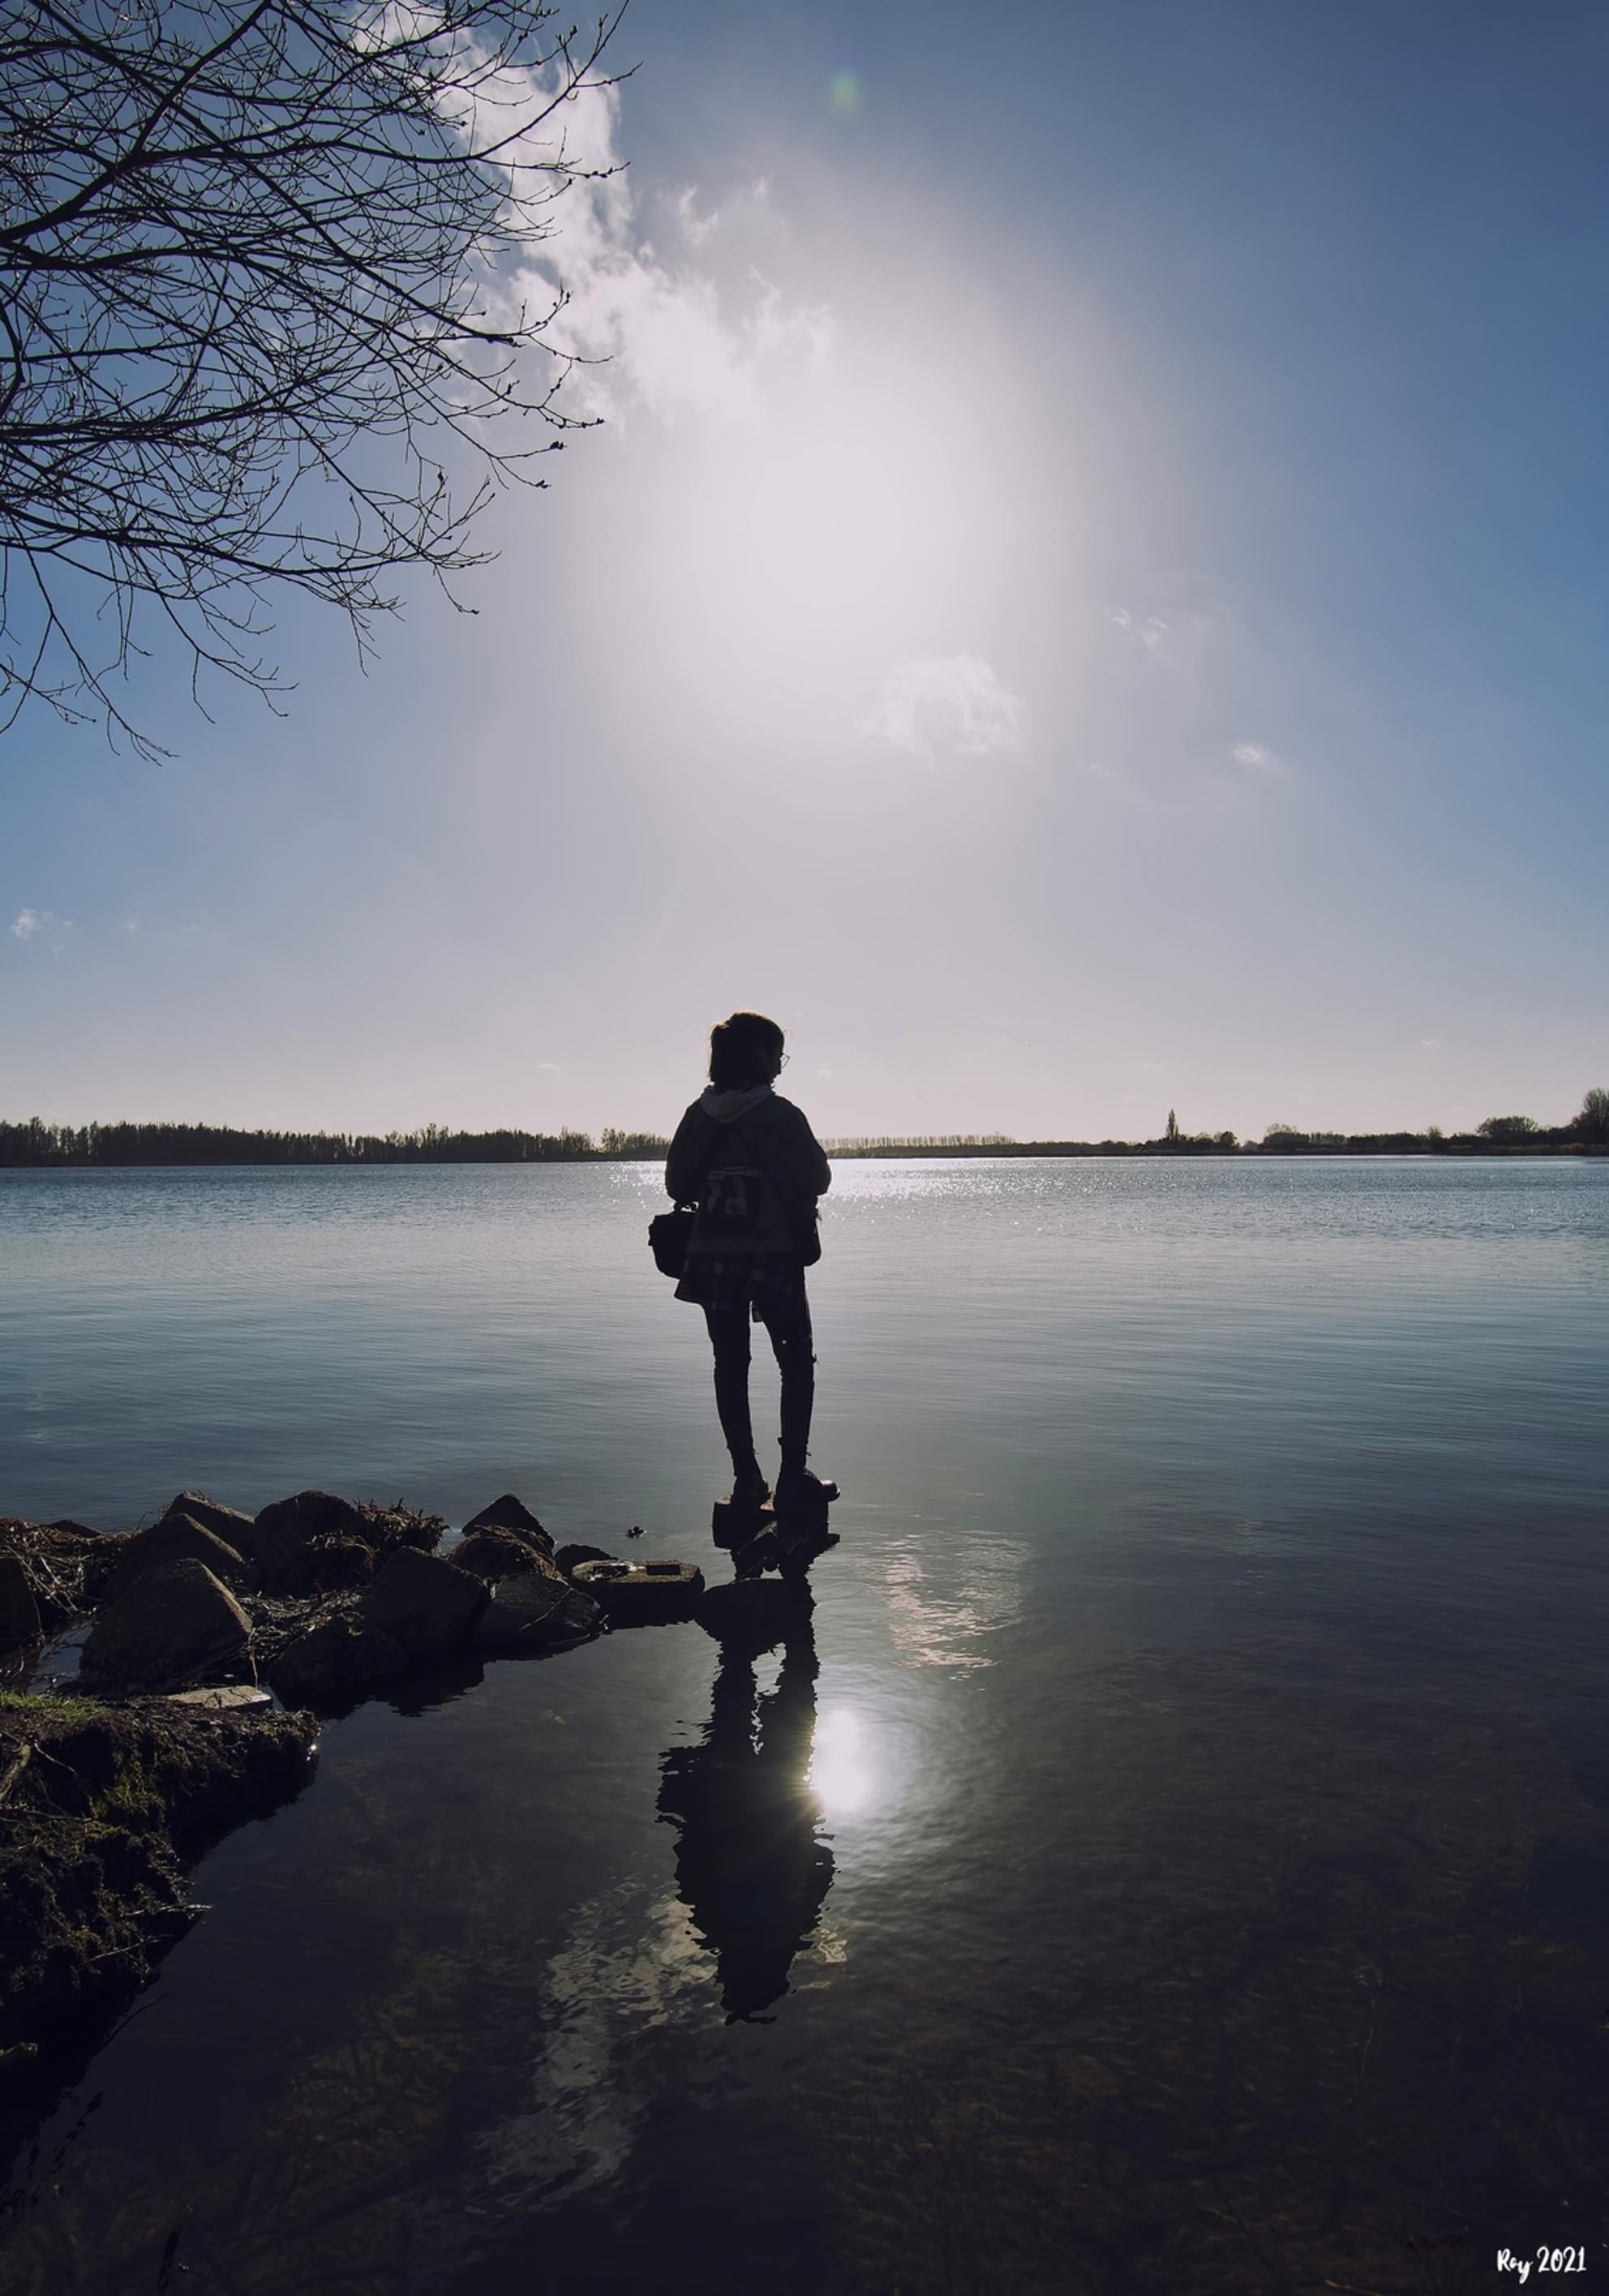 Luna - Eerste versie verwijderd, want ik was nog niet helemaal tevreden..... Foto van mijn dochter bij de Vlietlanden bij Leiden. Het tegenlicht geeft wat s - foto door Ray Beers op 27-02-2021 - deze foto bevat: zon, tegenlicht, nikon, leiden, luna, vlietlanden, Ray Beers